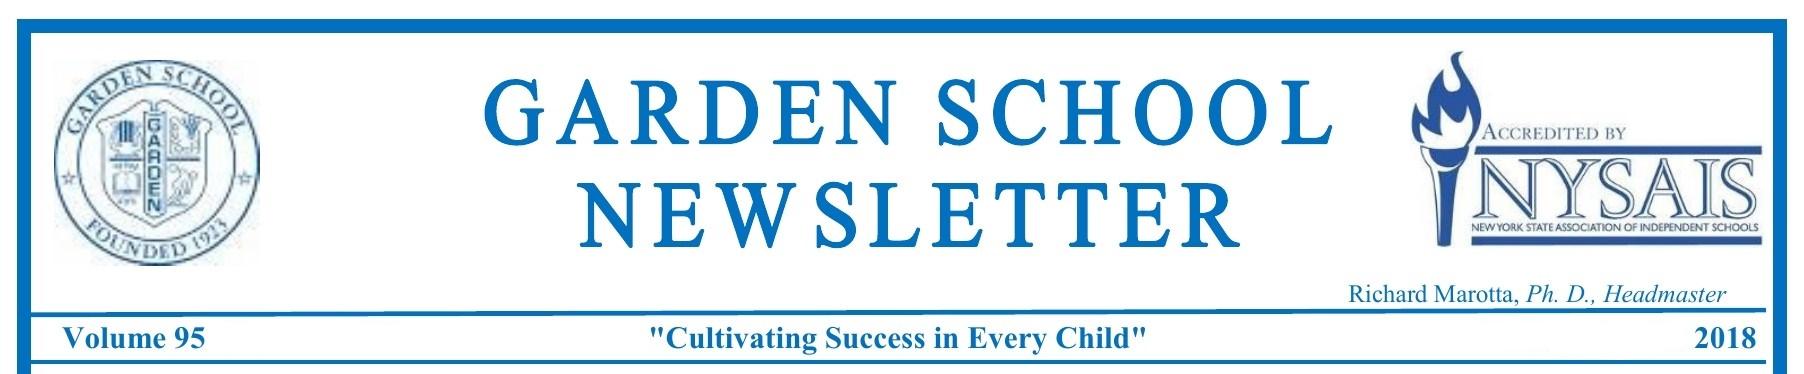 School Newsletters \u2013 Garden School